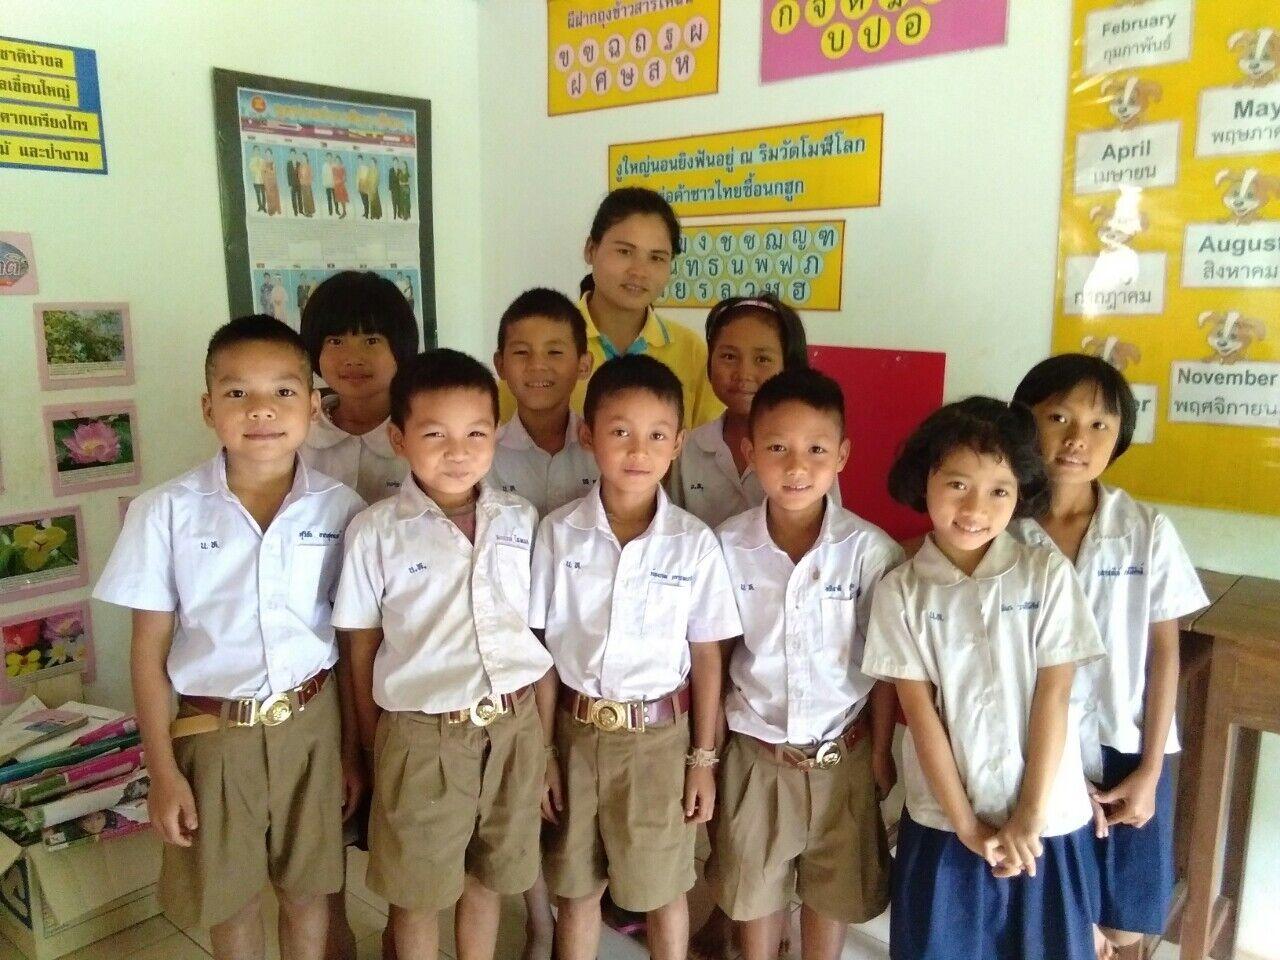 THAILANDE : Belle Moisson éducative à L'école Saint-Joseph De Huaynamyen